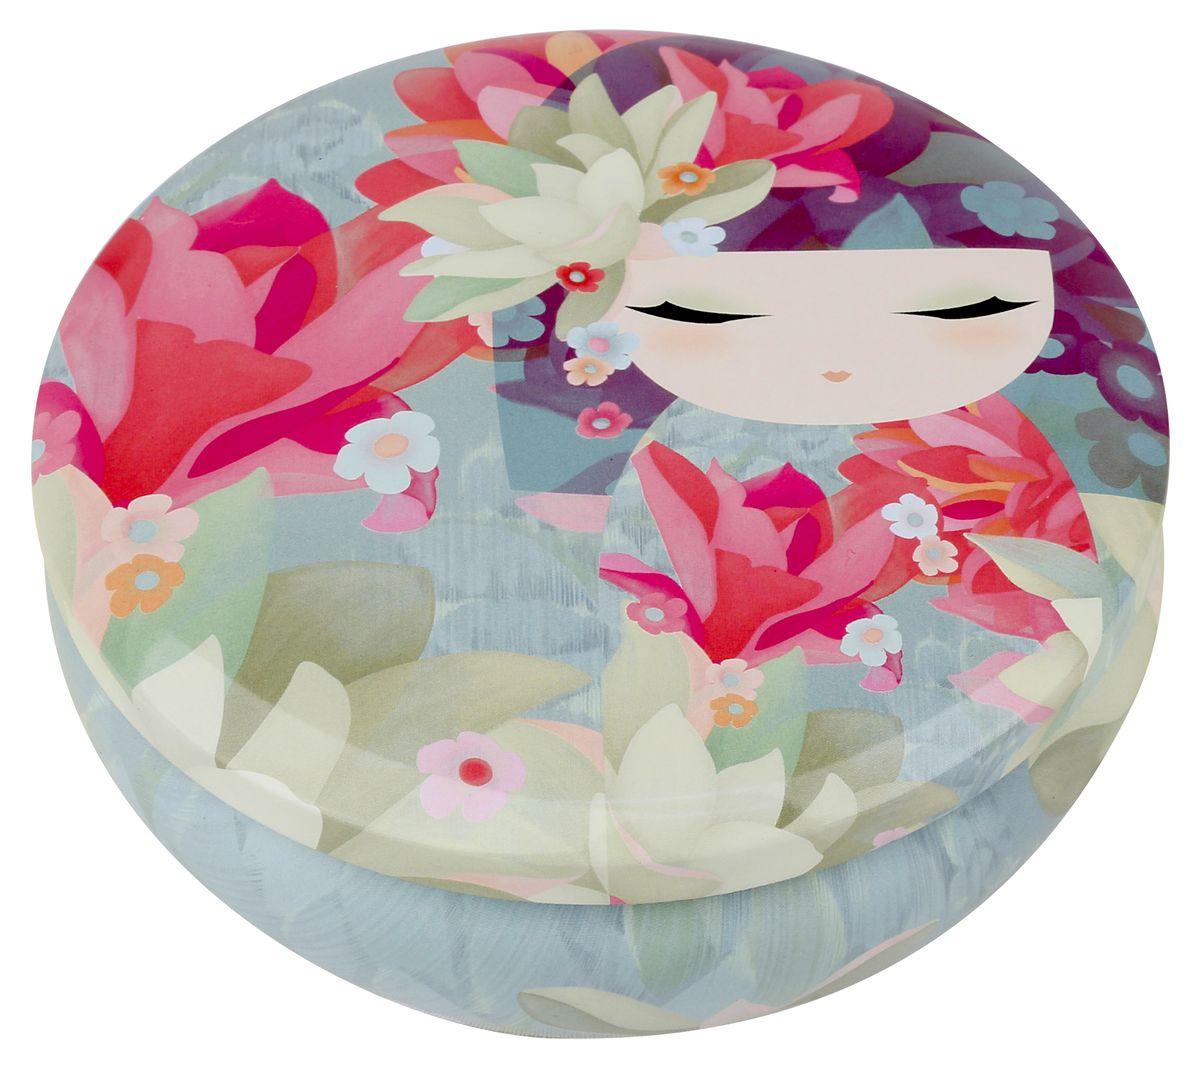 Шкатулка жестяная Kimmidoll Такара (Удача). KH09663654-RT-23Шкатулка Kimmidoll Такара (Удача) изготовлена из жести и оформлена изображением японской куколки кокеши. Шкатулка содержит вместительное отделение, надежно закрывающееся крышкой.Такая шкатулка не только надежно сохранит вашу бижутерию, но и станет необычным украшением интерьера.Привет, меня зовут Такара! Я талисман удачи! Мой дух постоянно находится в творческом поиске. Ваша творческая натура и жажда открытий раскрывают секрет моего духа. Сохраняйте смелость и не бойтесь пробовать что-то новое, и вам обязательно улыбнется удача.